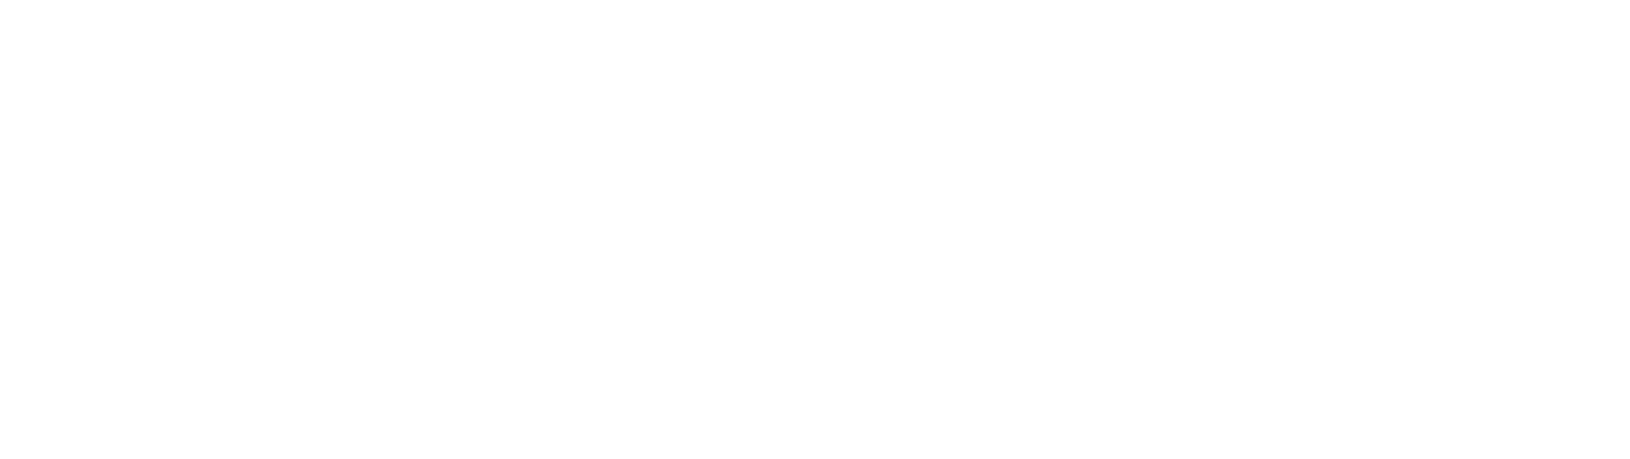 トーラスチャレンジ